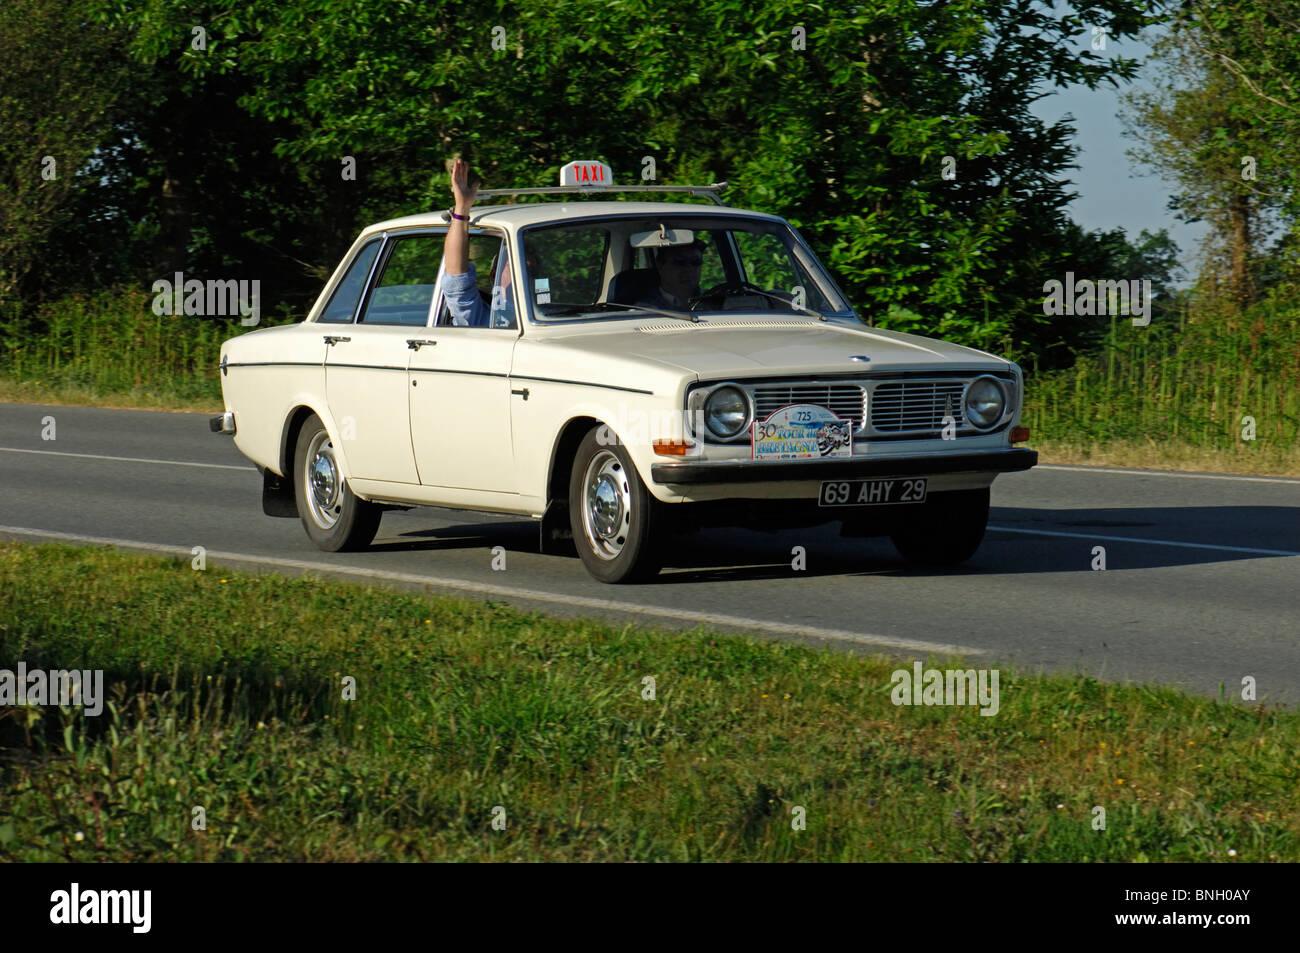 Volvo 144b taxi 1970 in the tour de bretagne classic car rally 2010